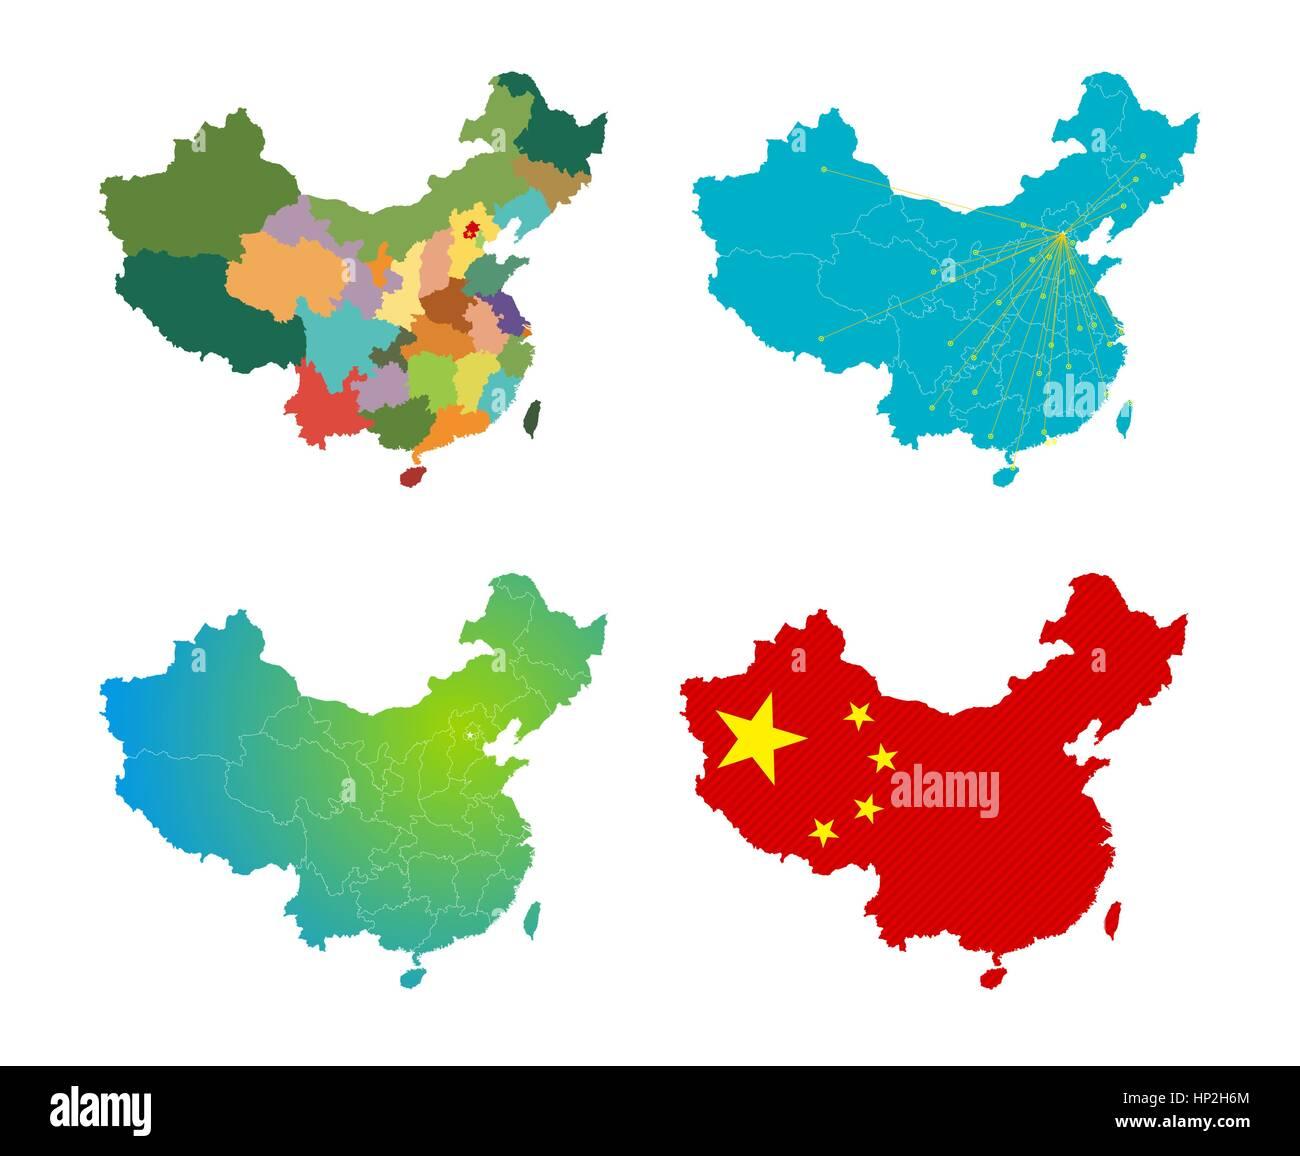 Vector China map set - Stock Image